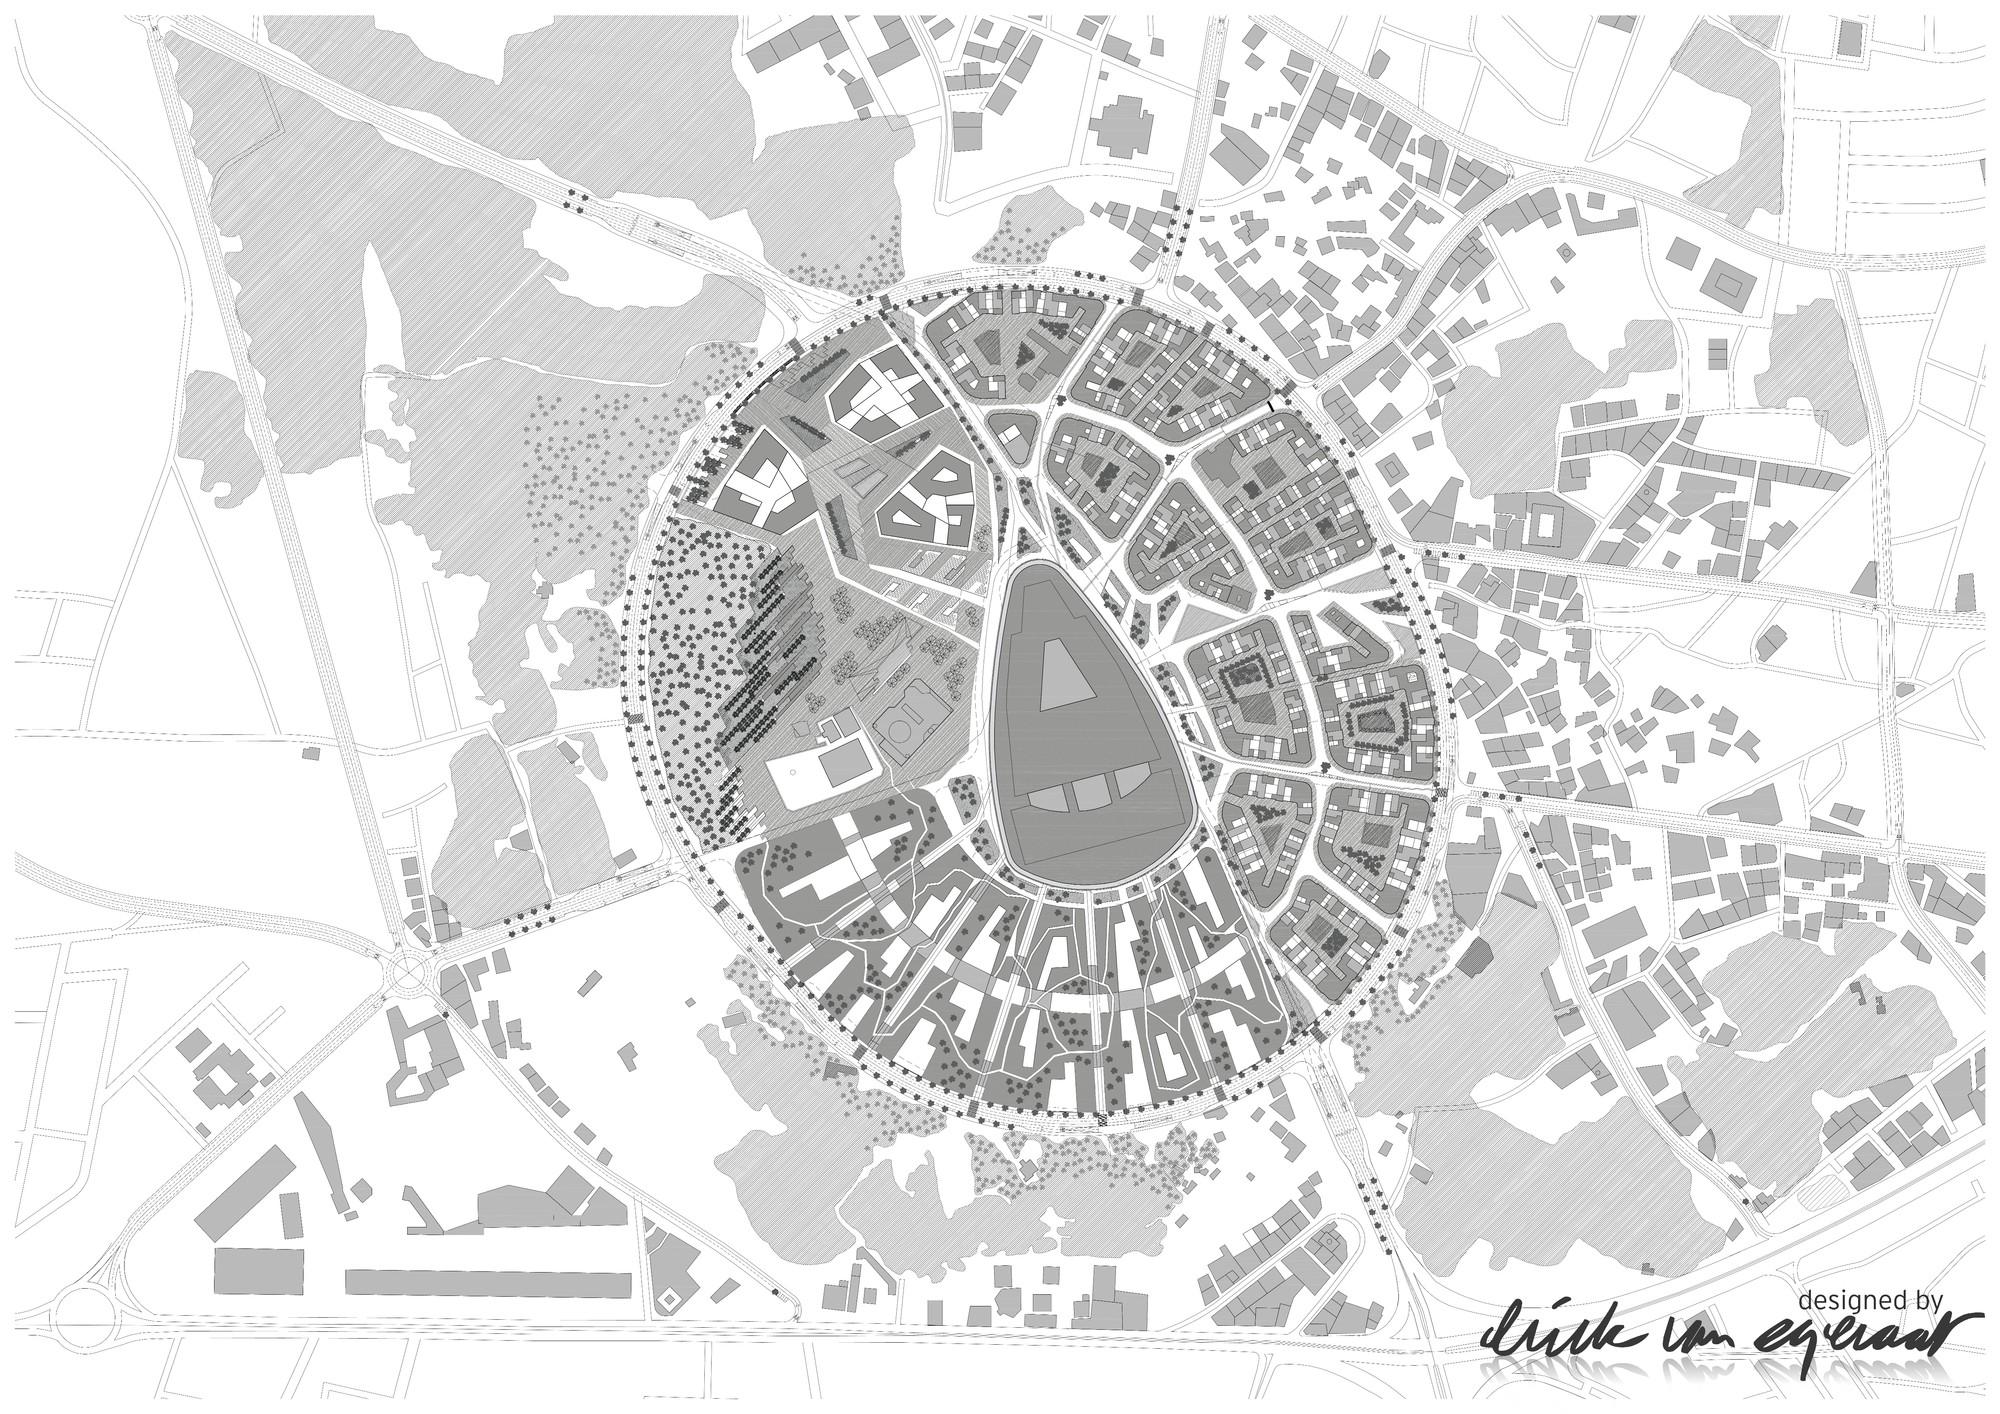 Site Plan. Image © (designed by) Erick van Egeraat BV